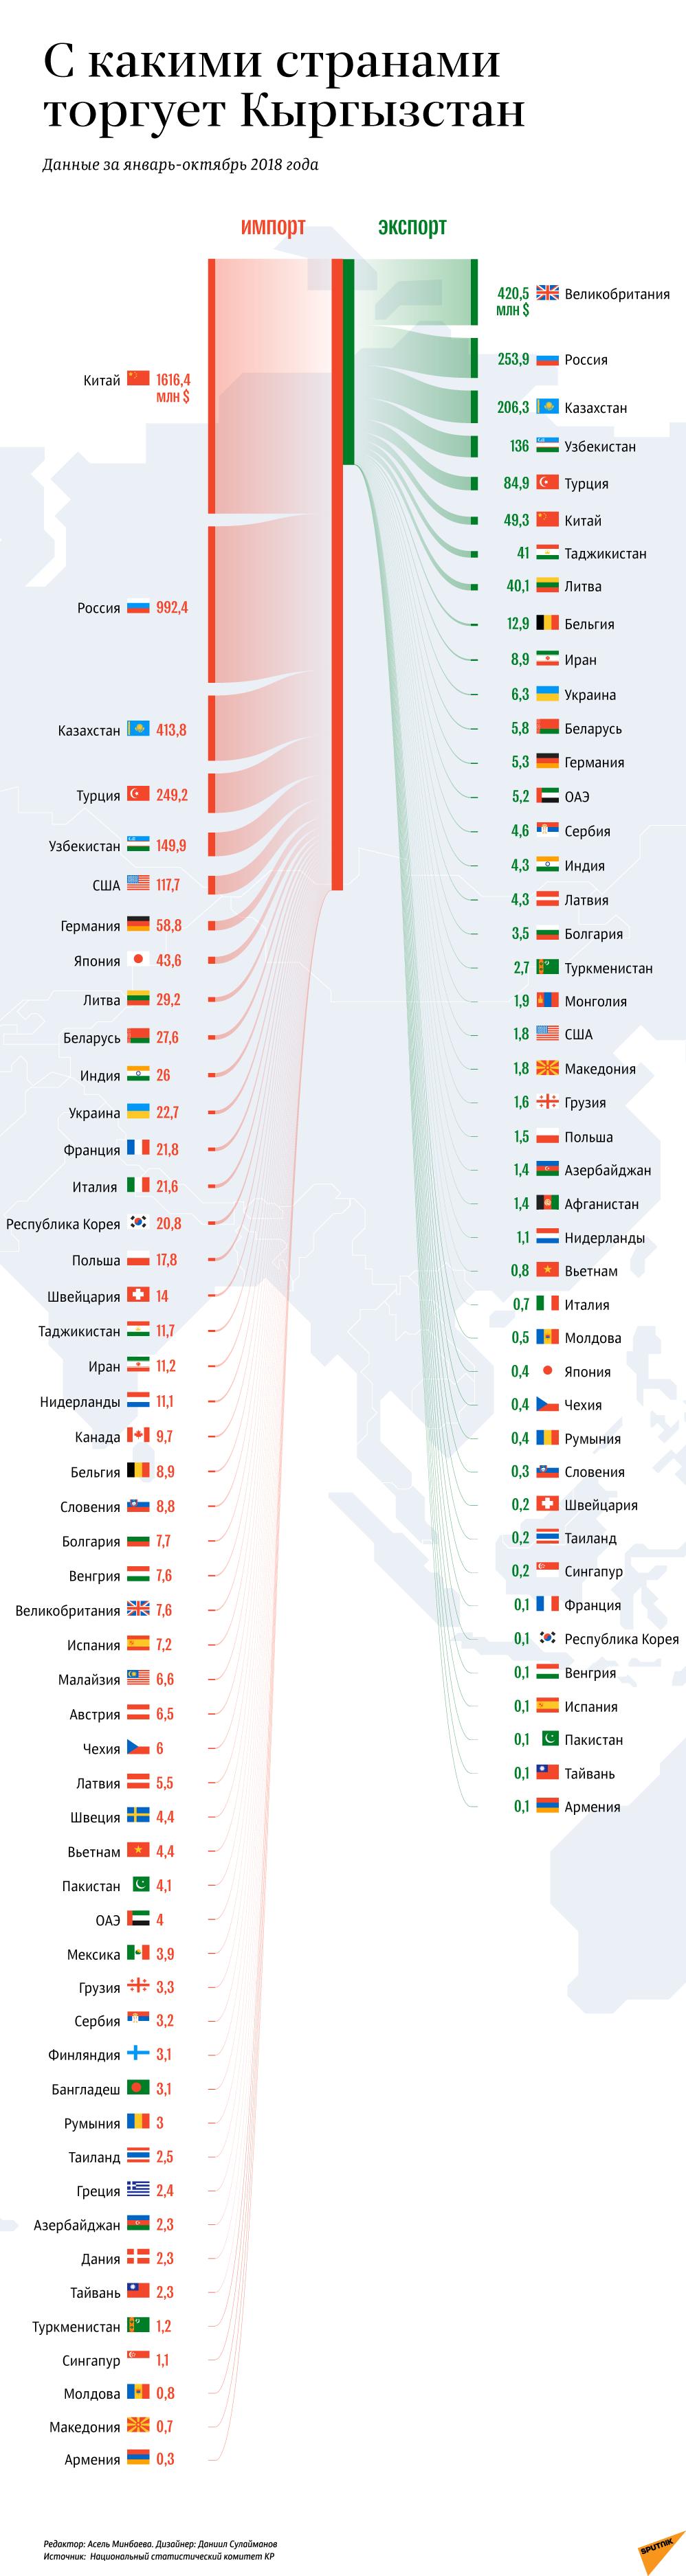 С какими странами торгует Кыргызстан